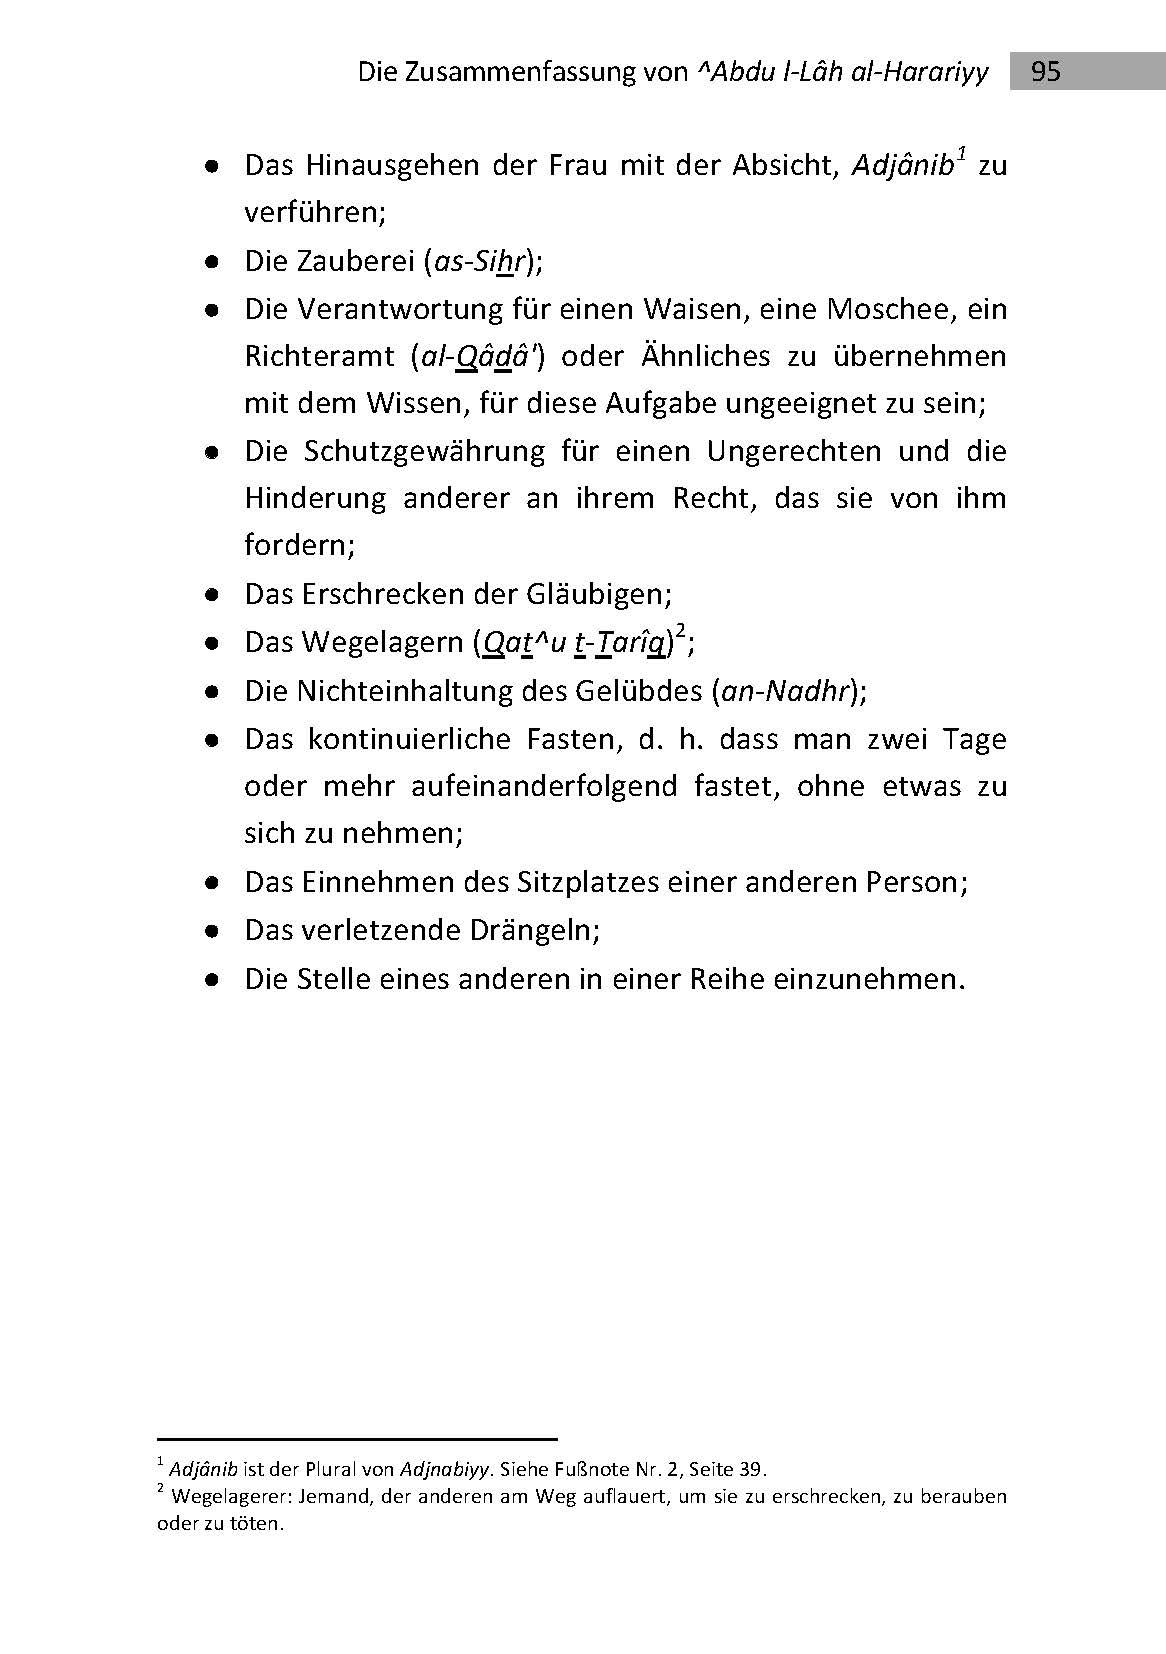 Die Zusammenfassung - 3. Auflage 2014_Seite_95